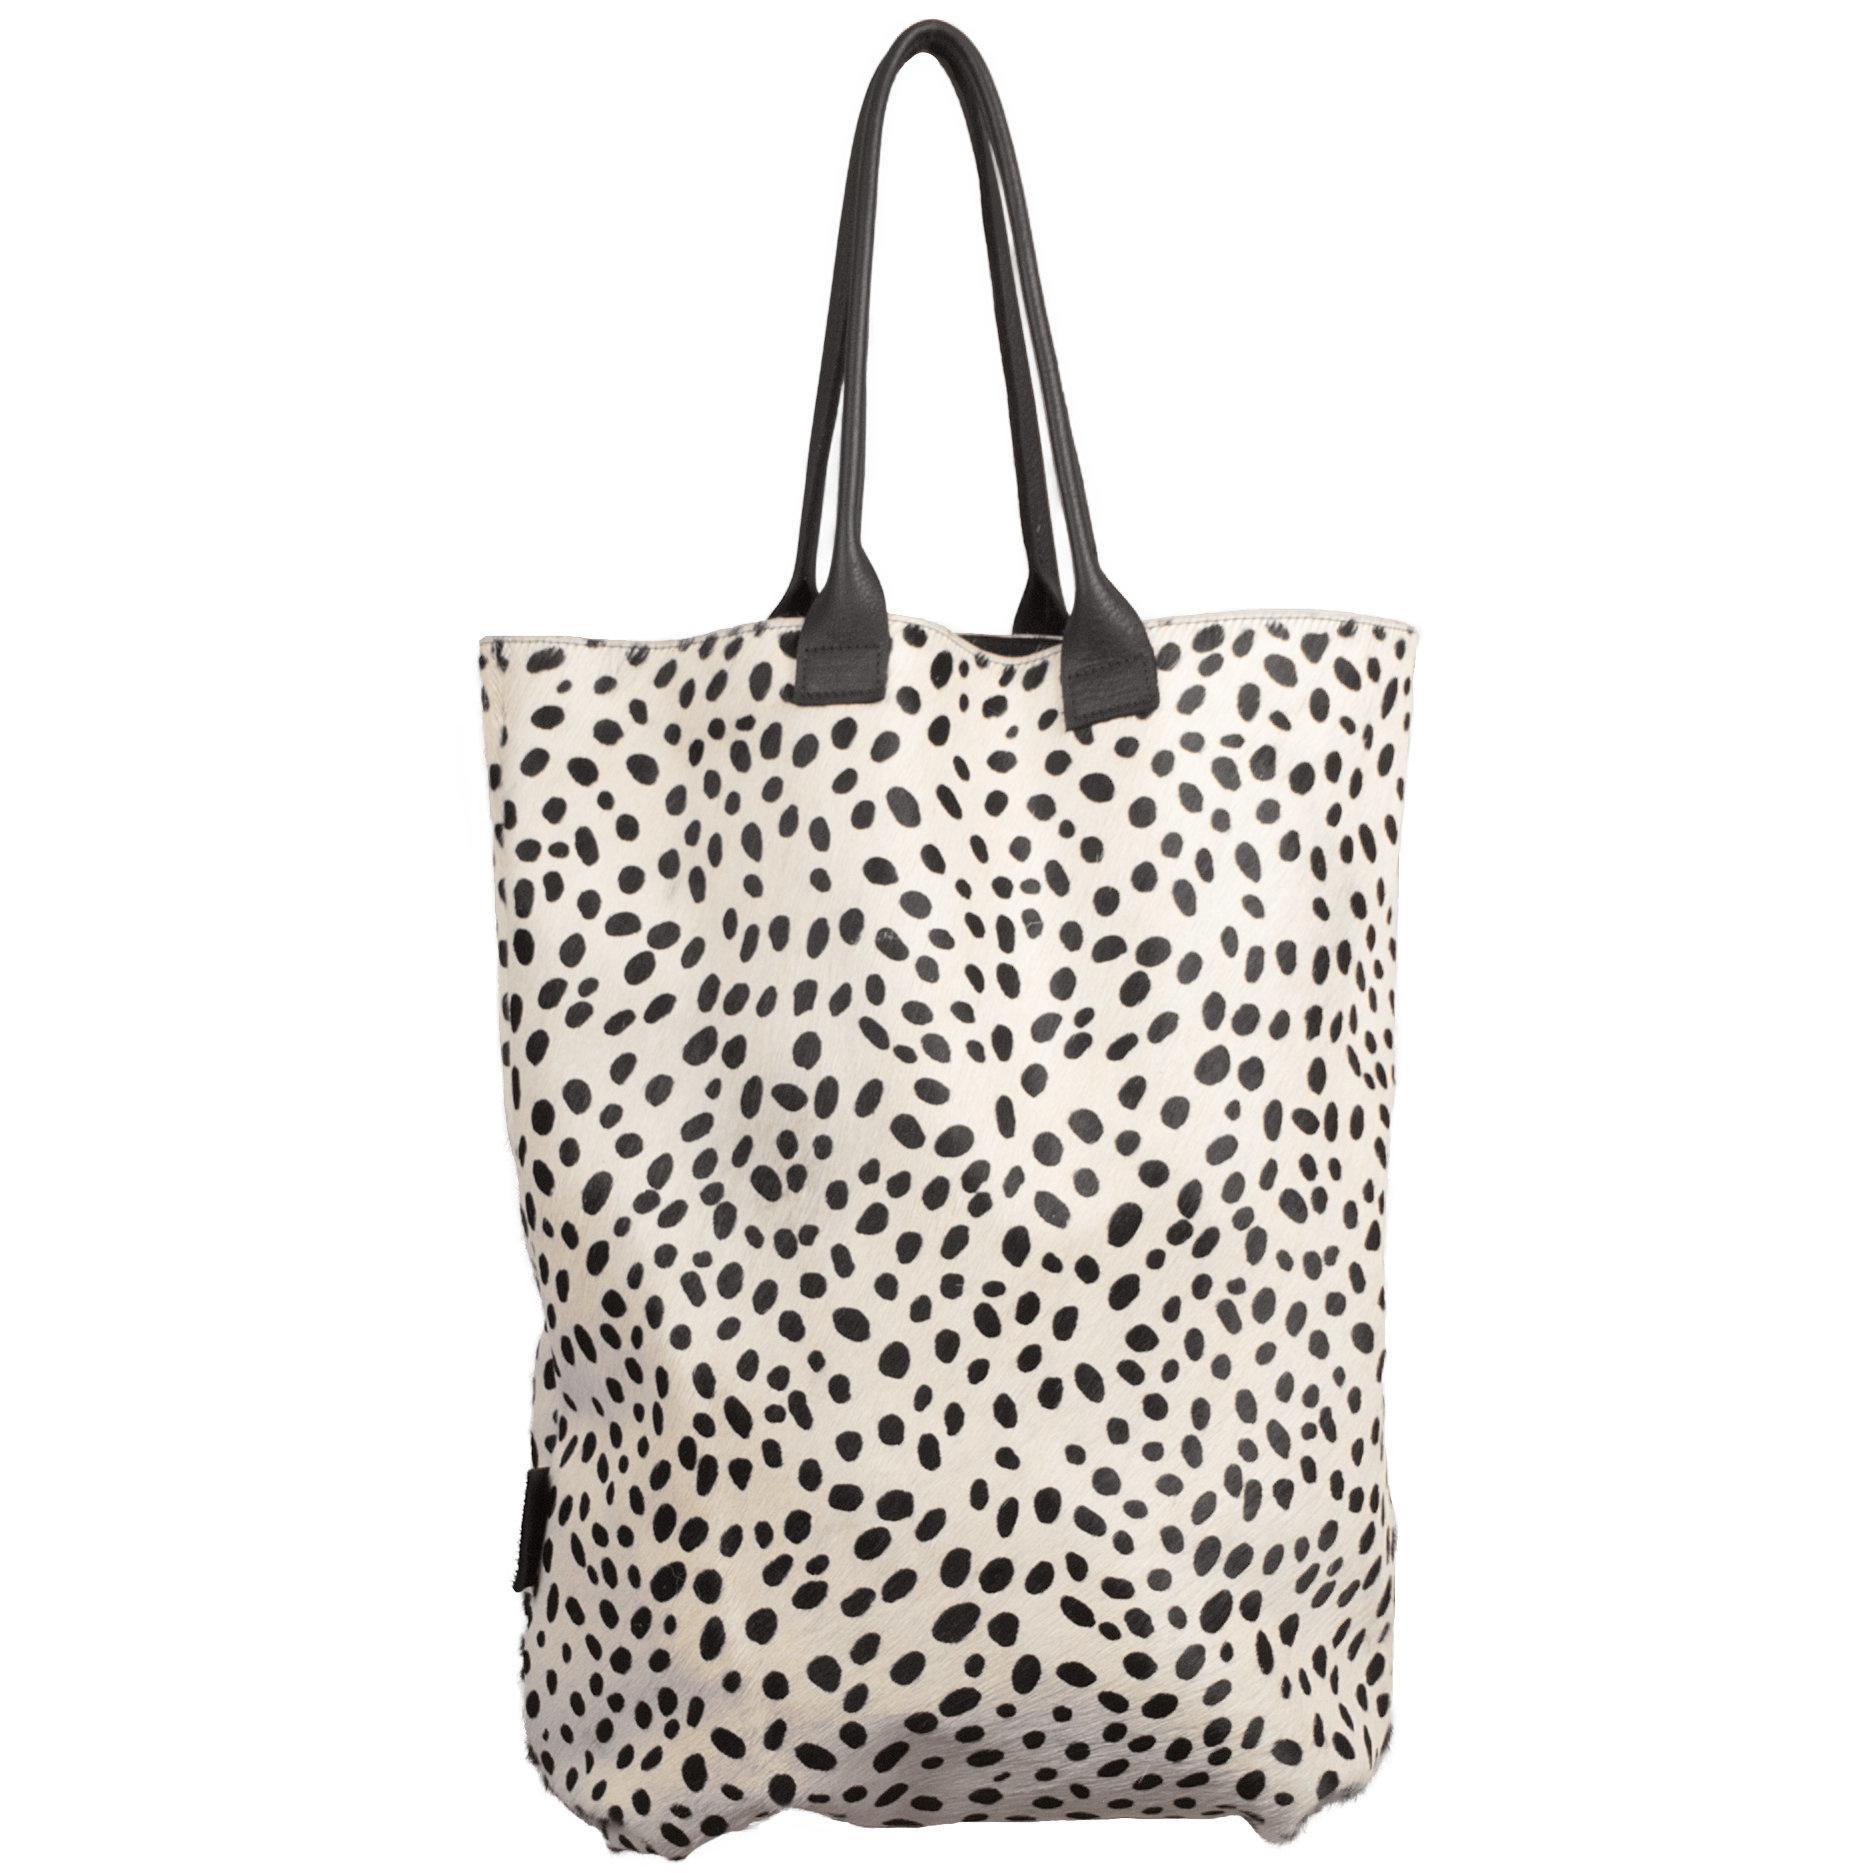 testVan Buren Tas Claudia - Zwart/dalmatiër print | Leren / koeienhuid shopper